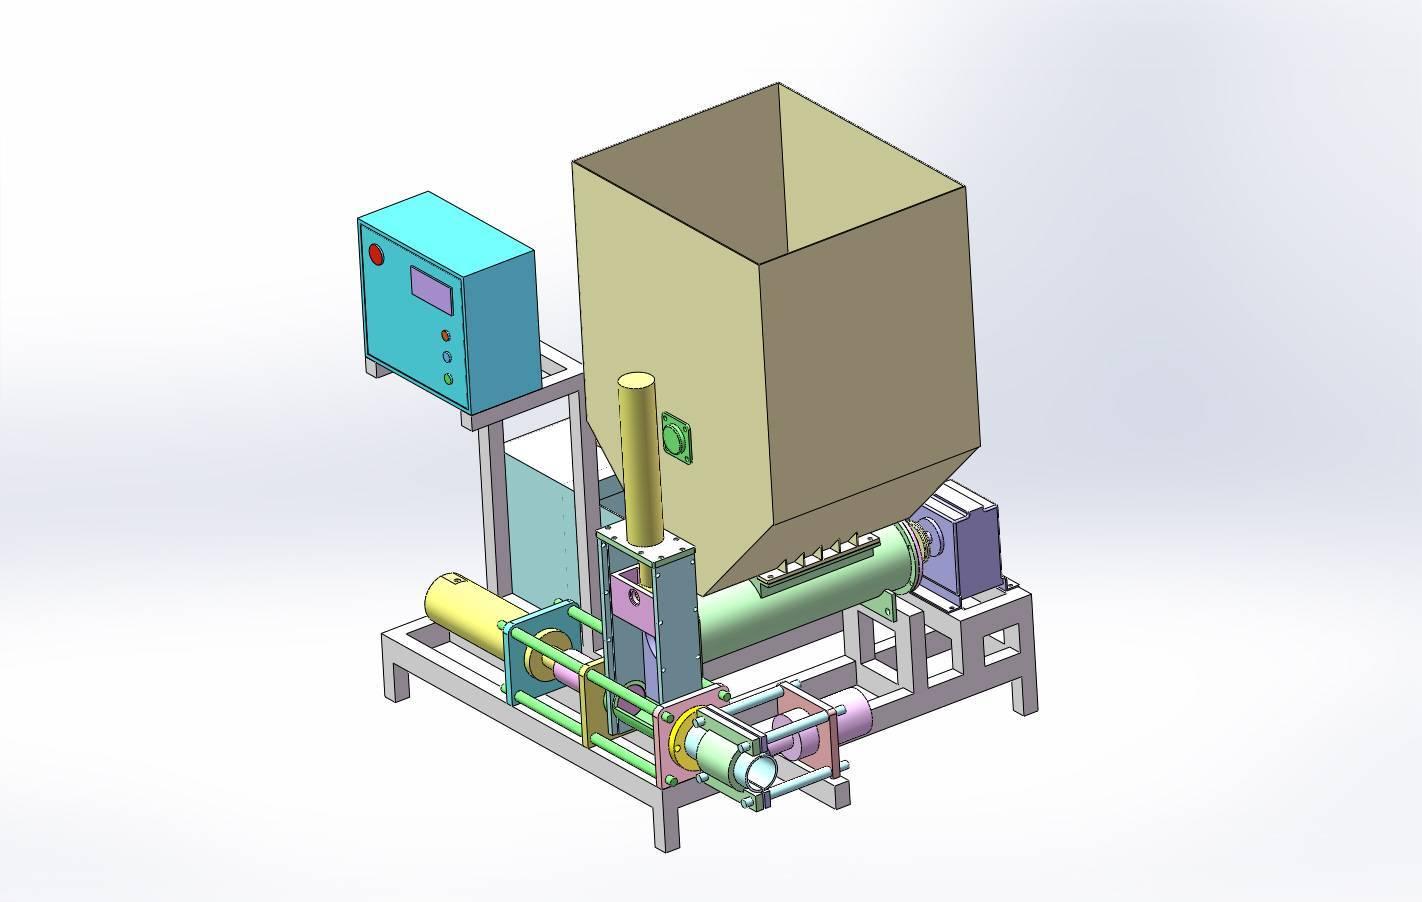 Пресс для топливных брикетов своими руками: варианты и чертежи самодельного брикетировщика